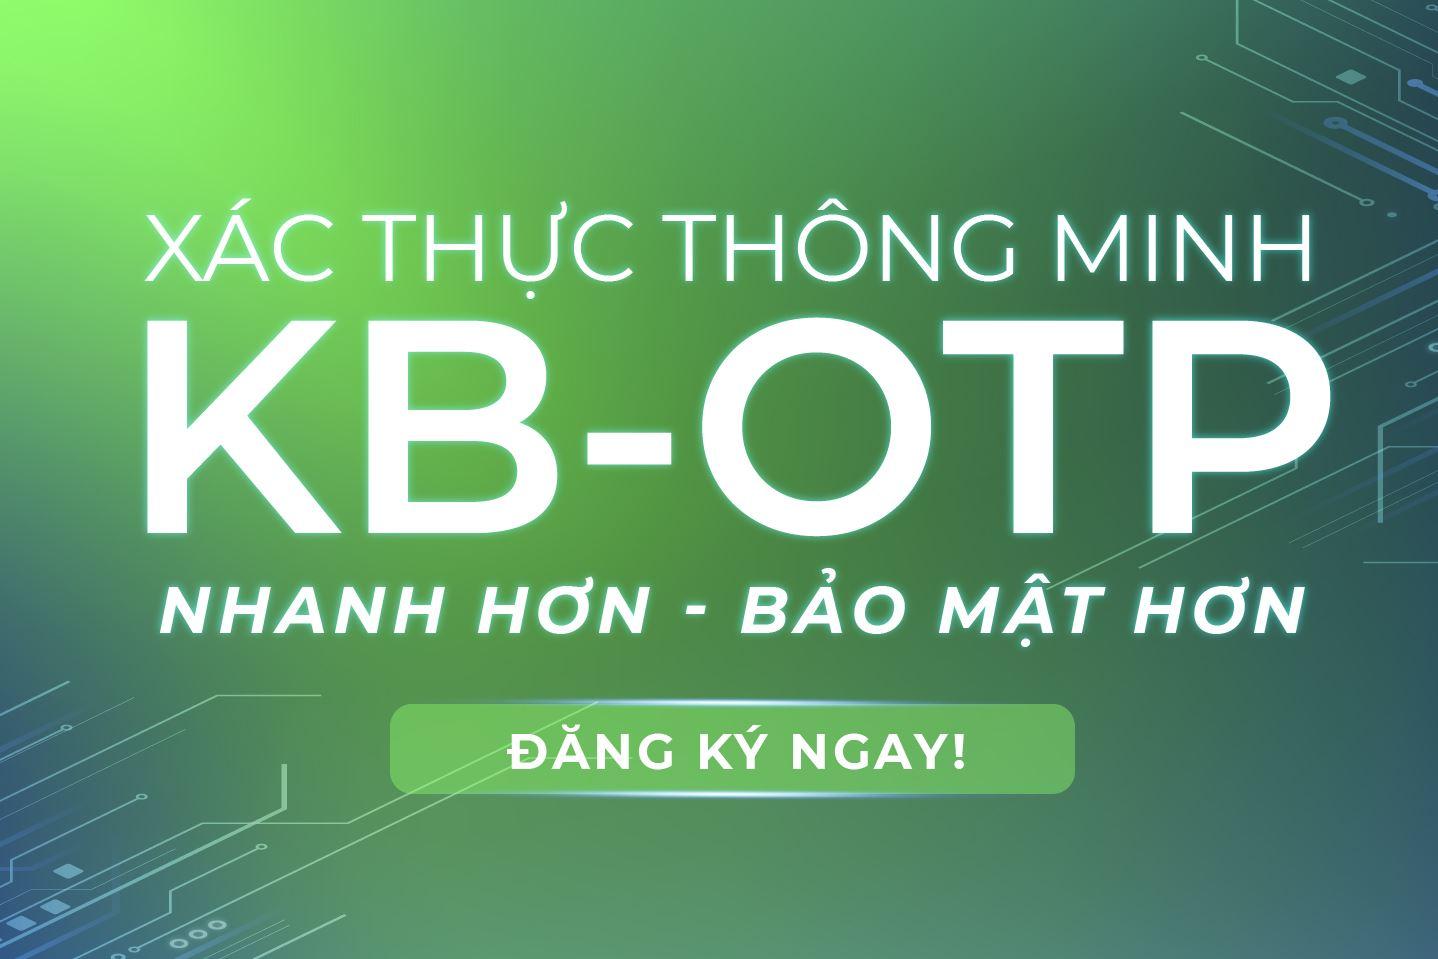 Phương thức xác thực KB-OTP